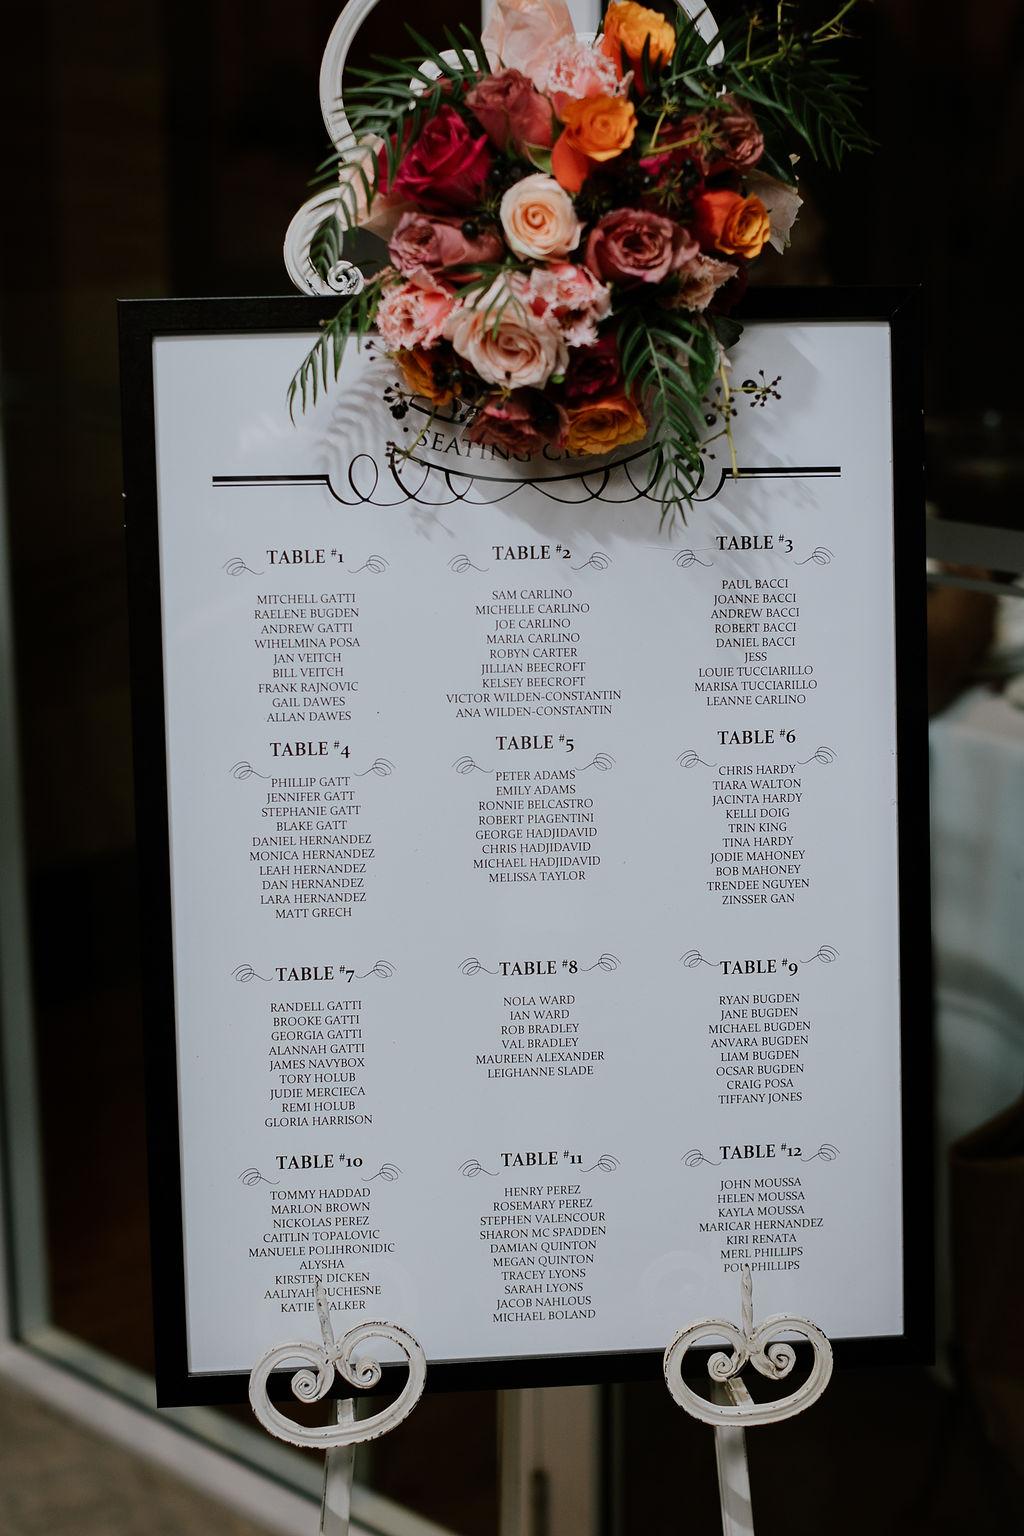 jade_nathan_wedding_finals_sydney_gez_xavier_mansfield_photography_2018-787.jpg